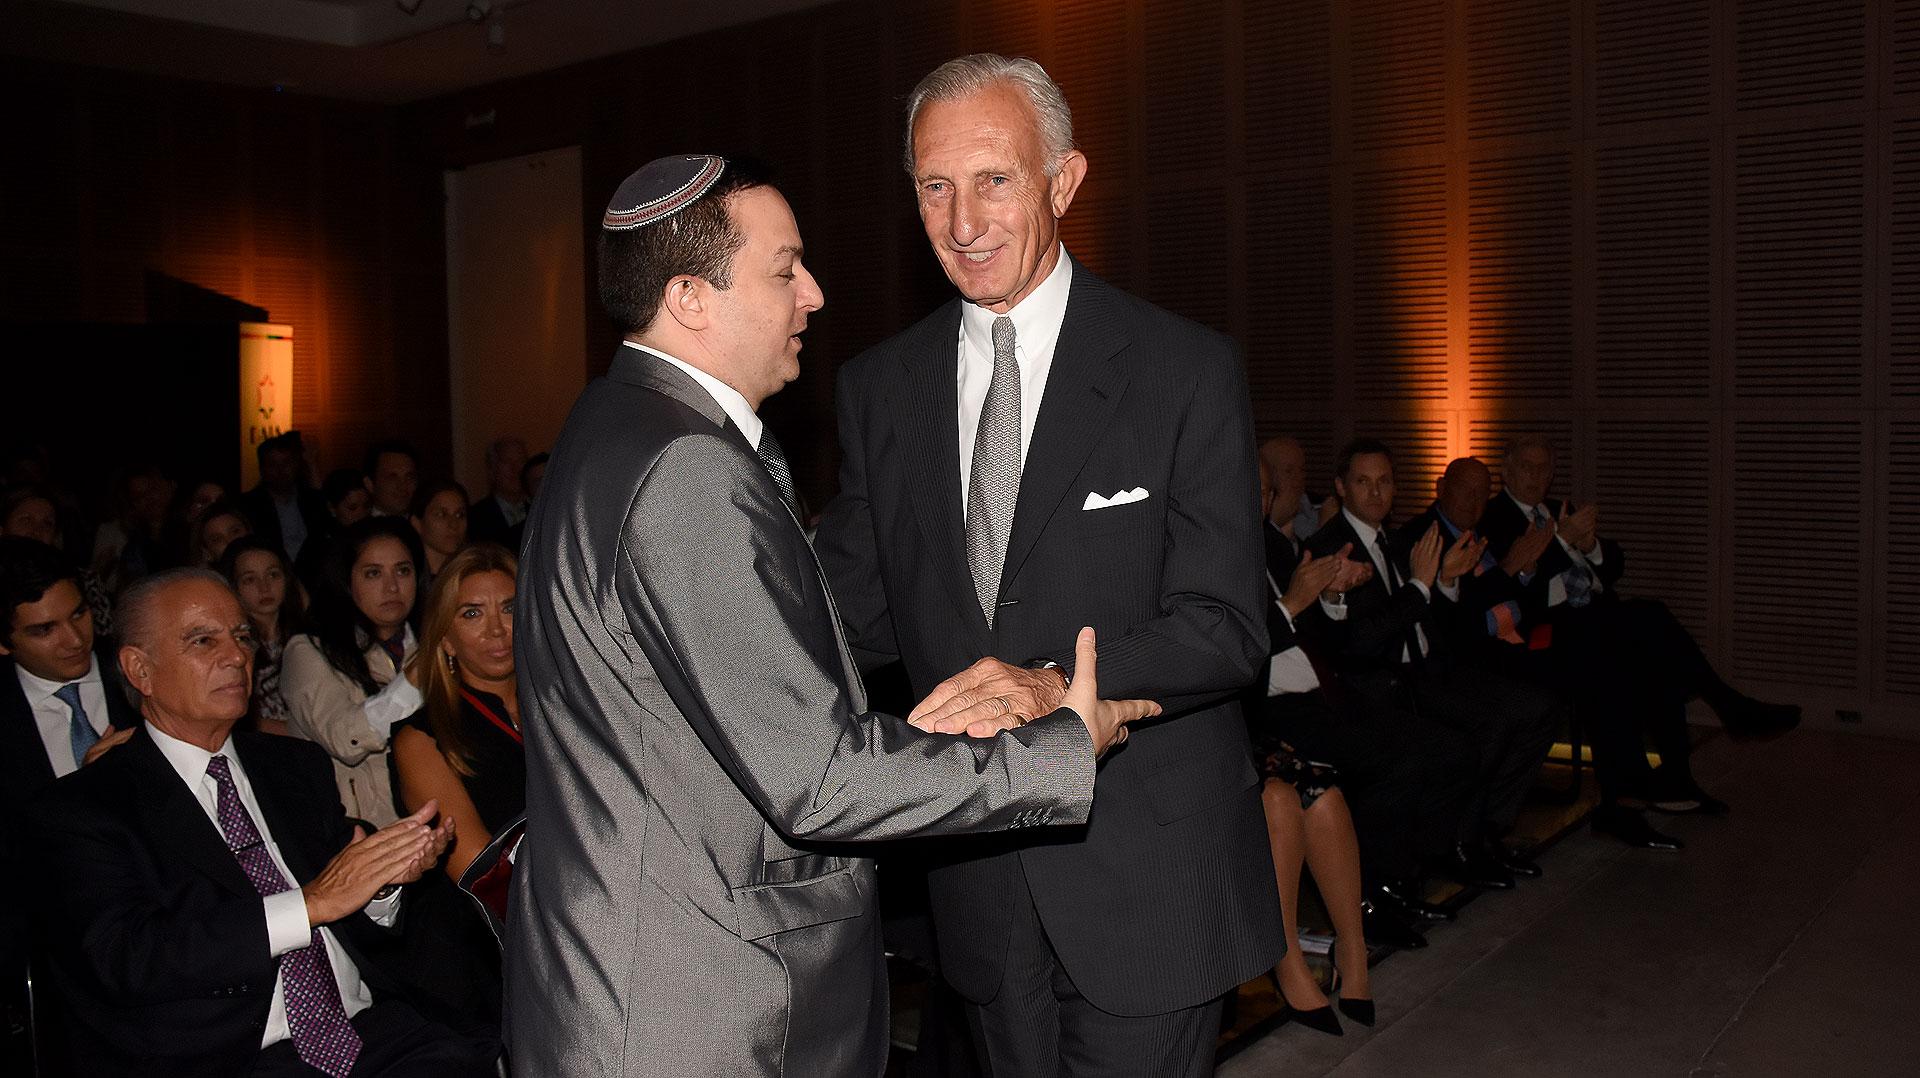 El presidente de la DAIA, Ariel Cohen Sabban, le entrega el premio al empresario Jorge Neuss